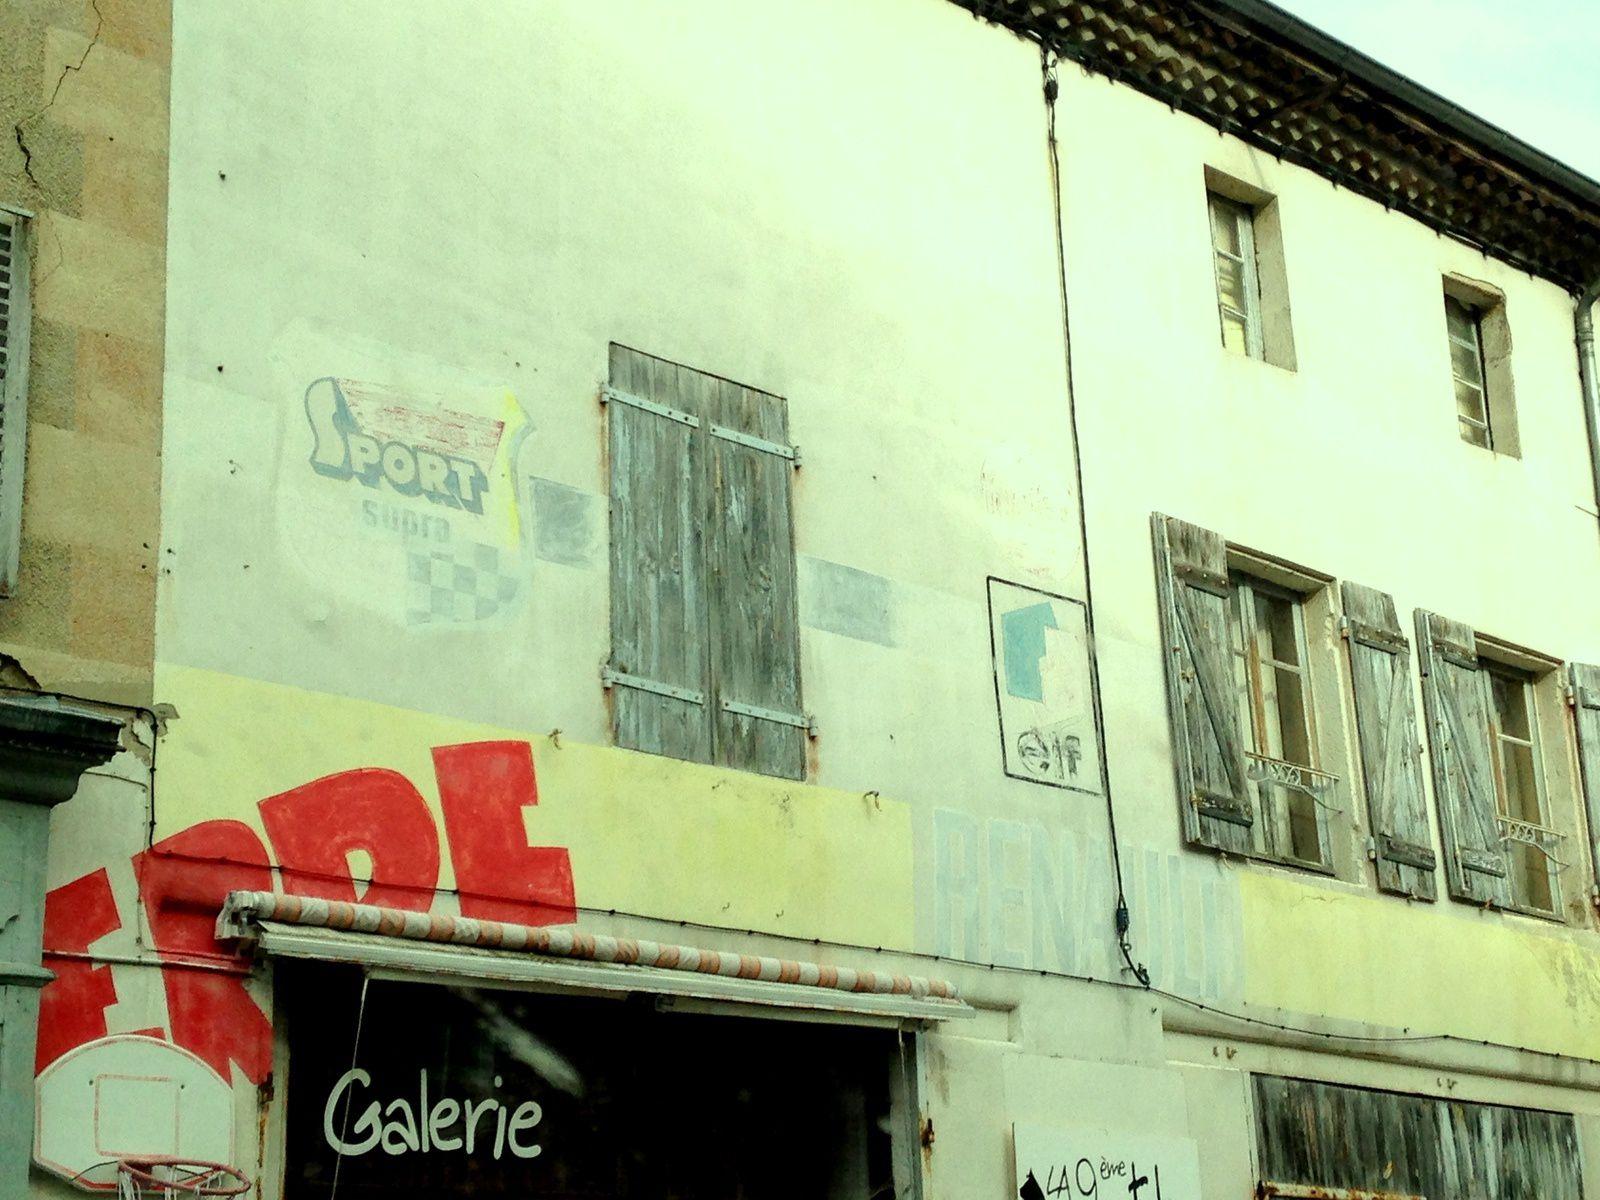 galerie 9eme patte, À Cunhlat, Auvergne, Puy de dôme, France. charlotteblabla blog